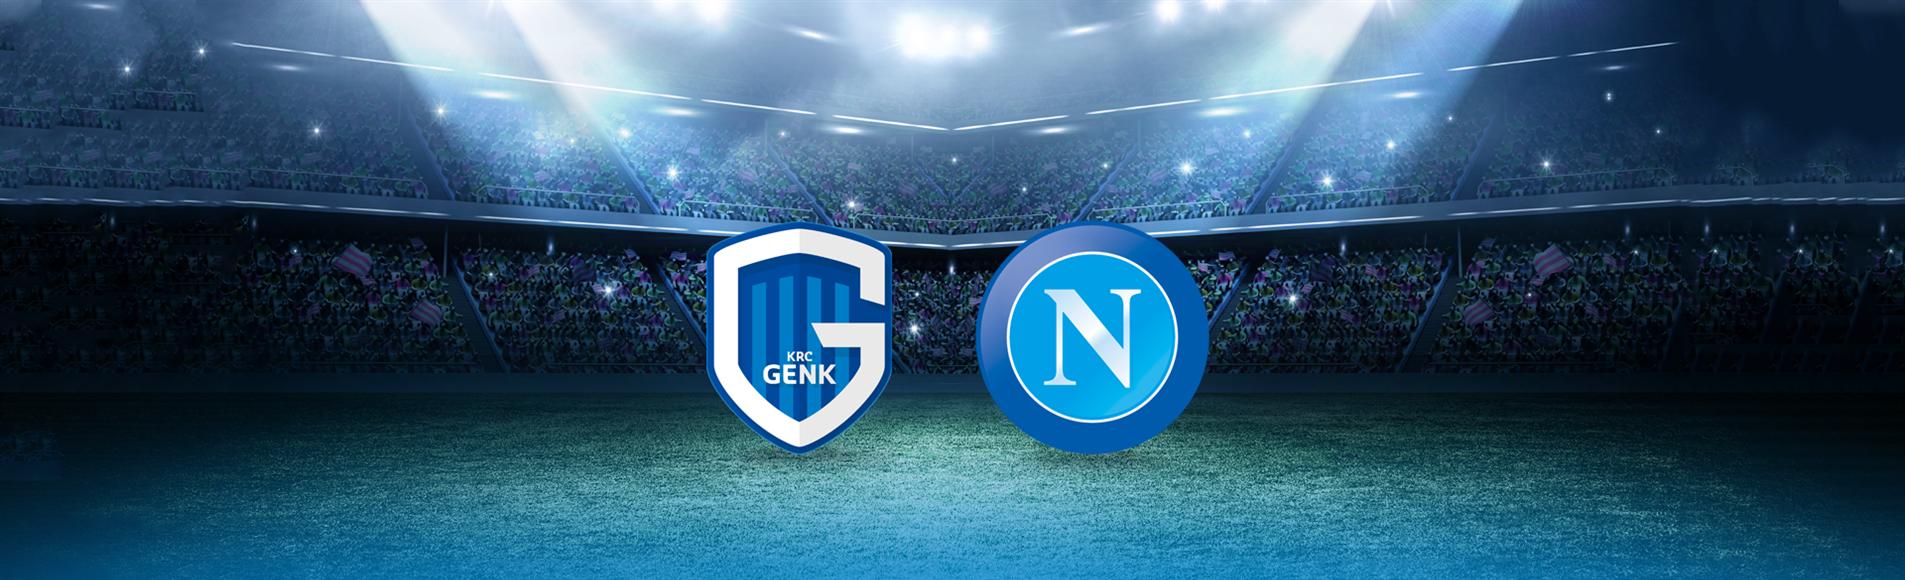 Genk-Napoli: dove vedere la partita in tv e diretta streaming - NAPOLI CALCIO